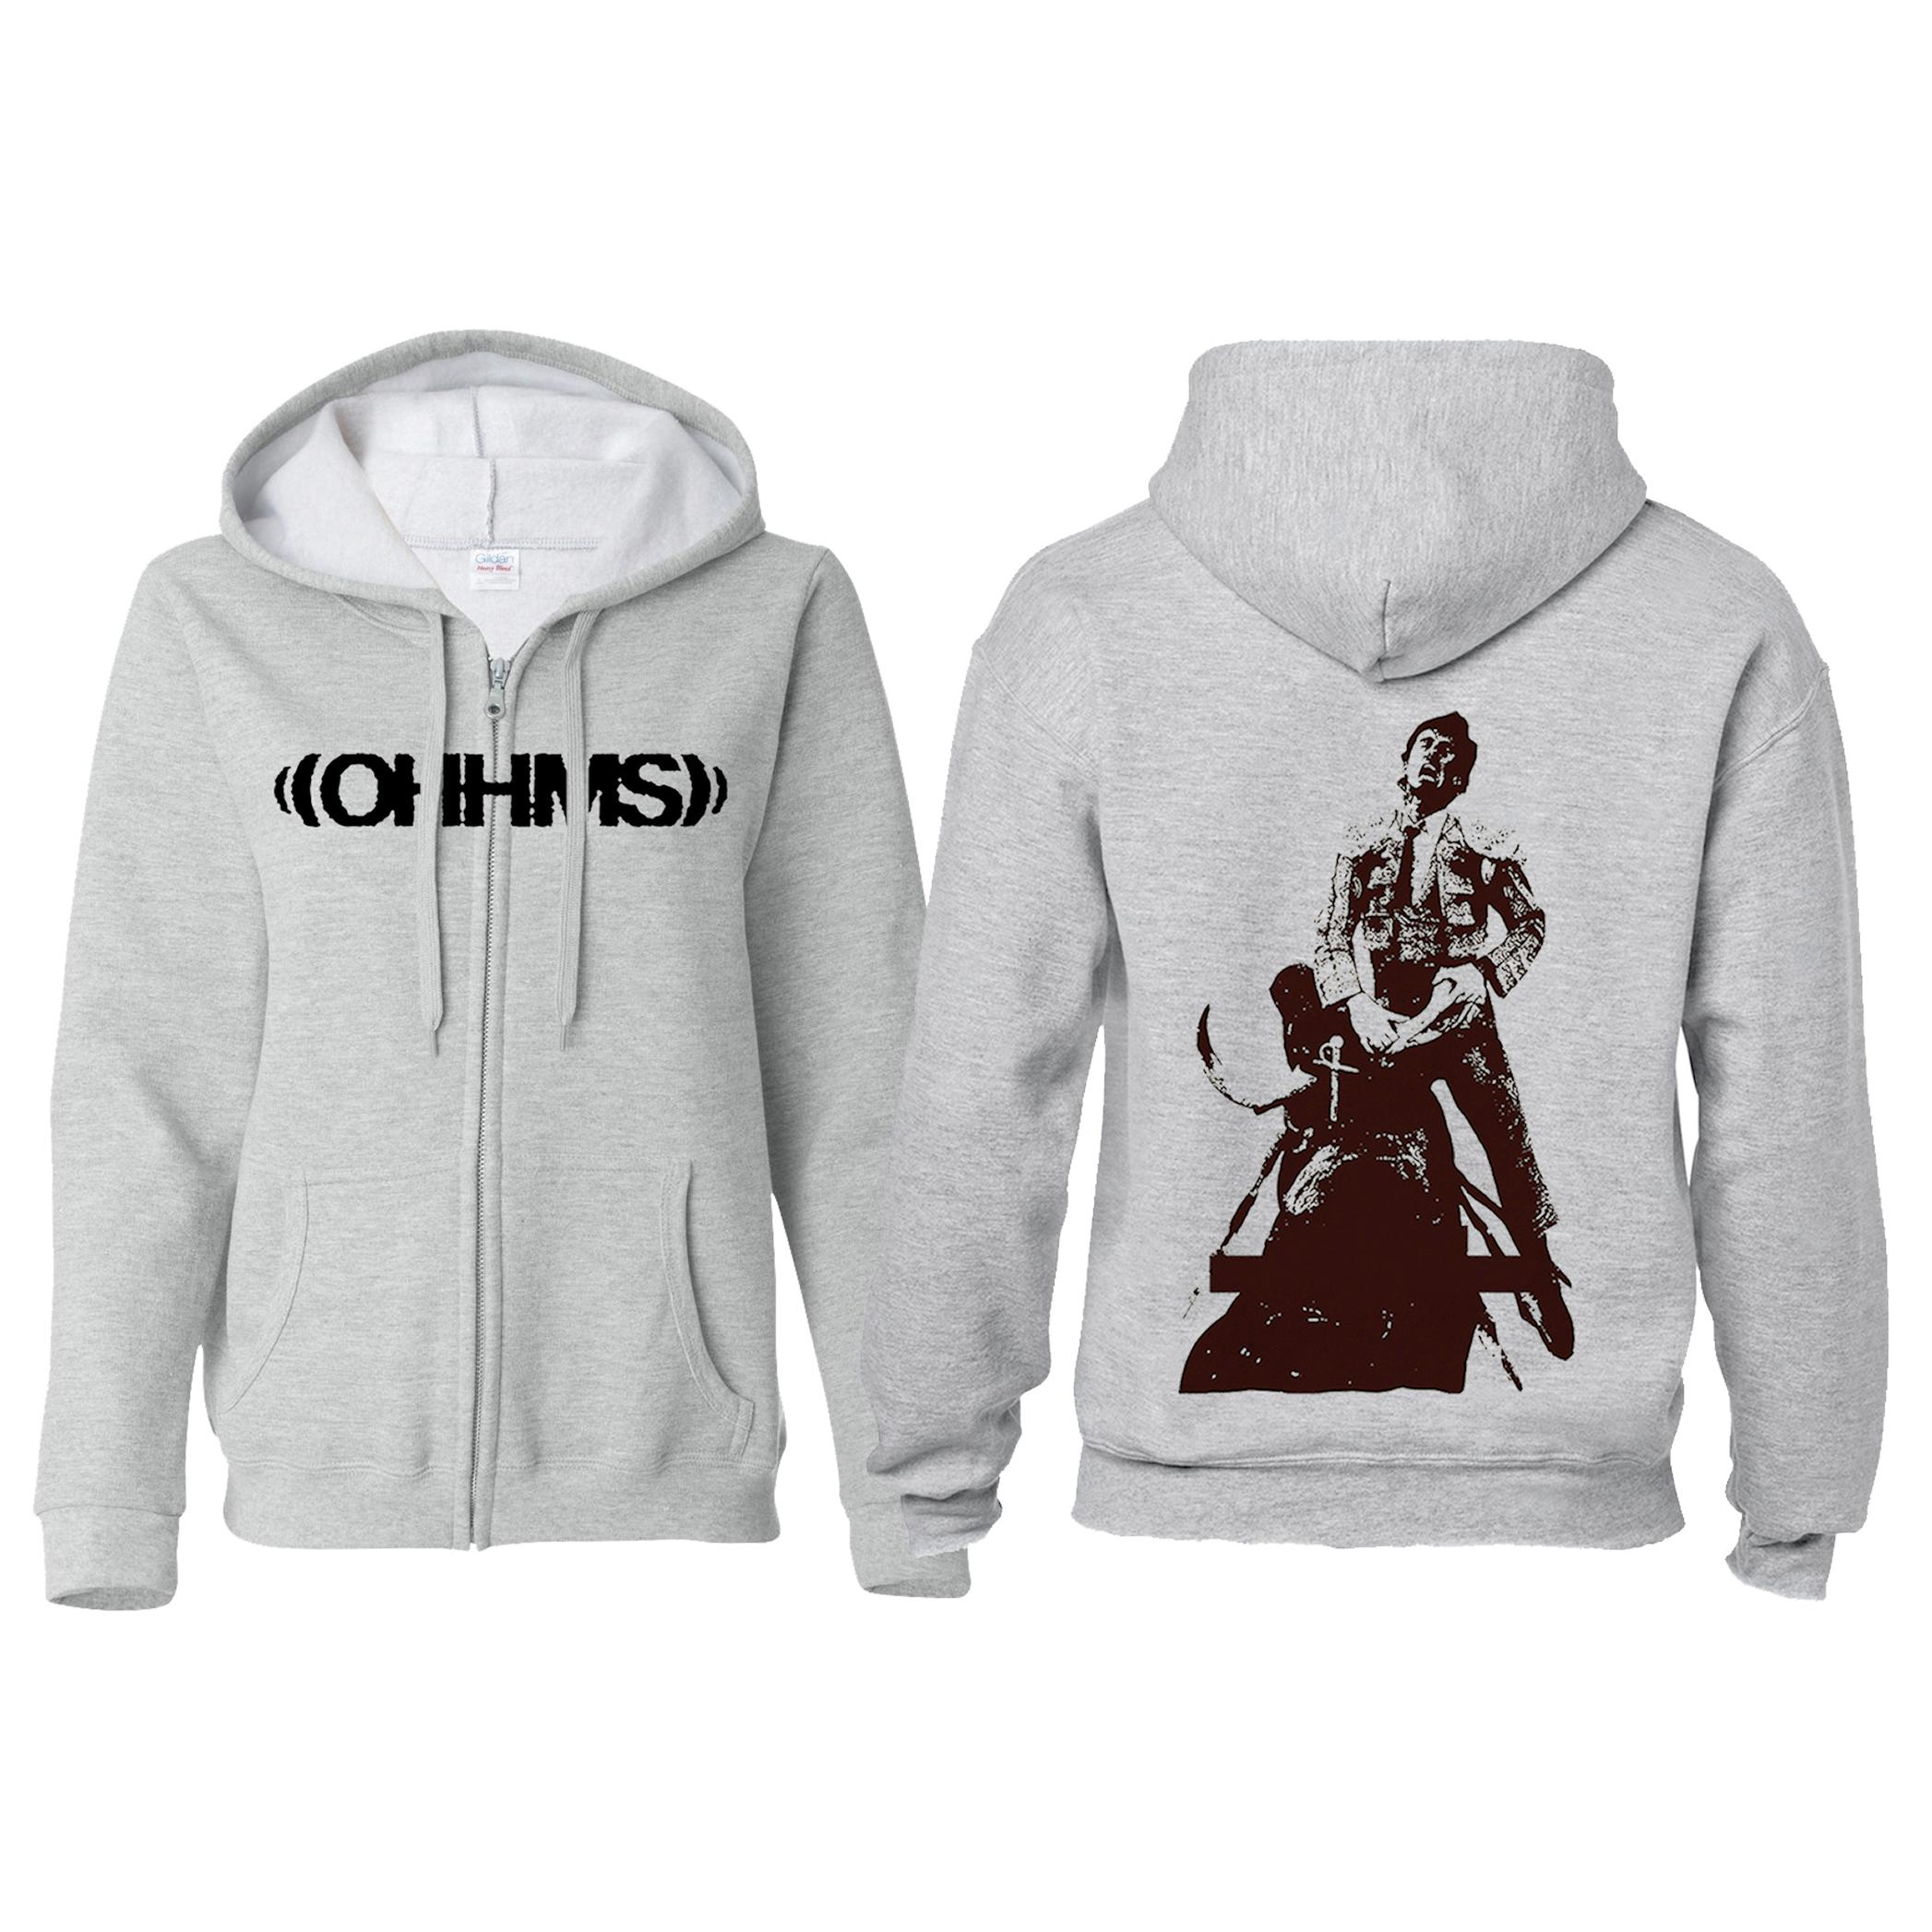 OHHMS - Exist Matador zip-up hoodie